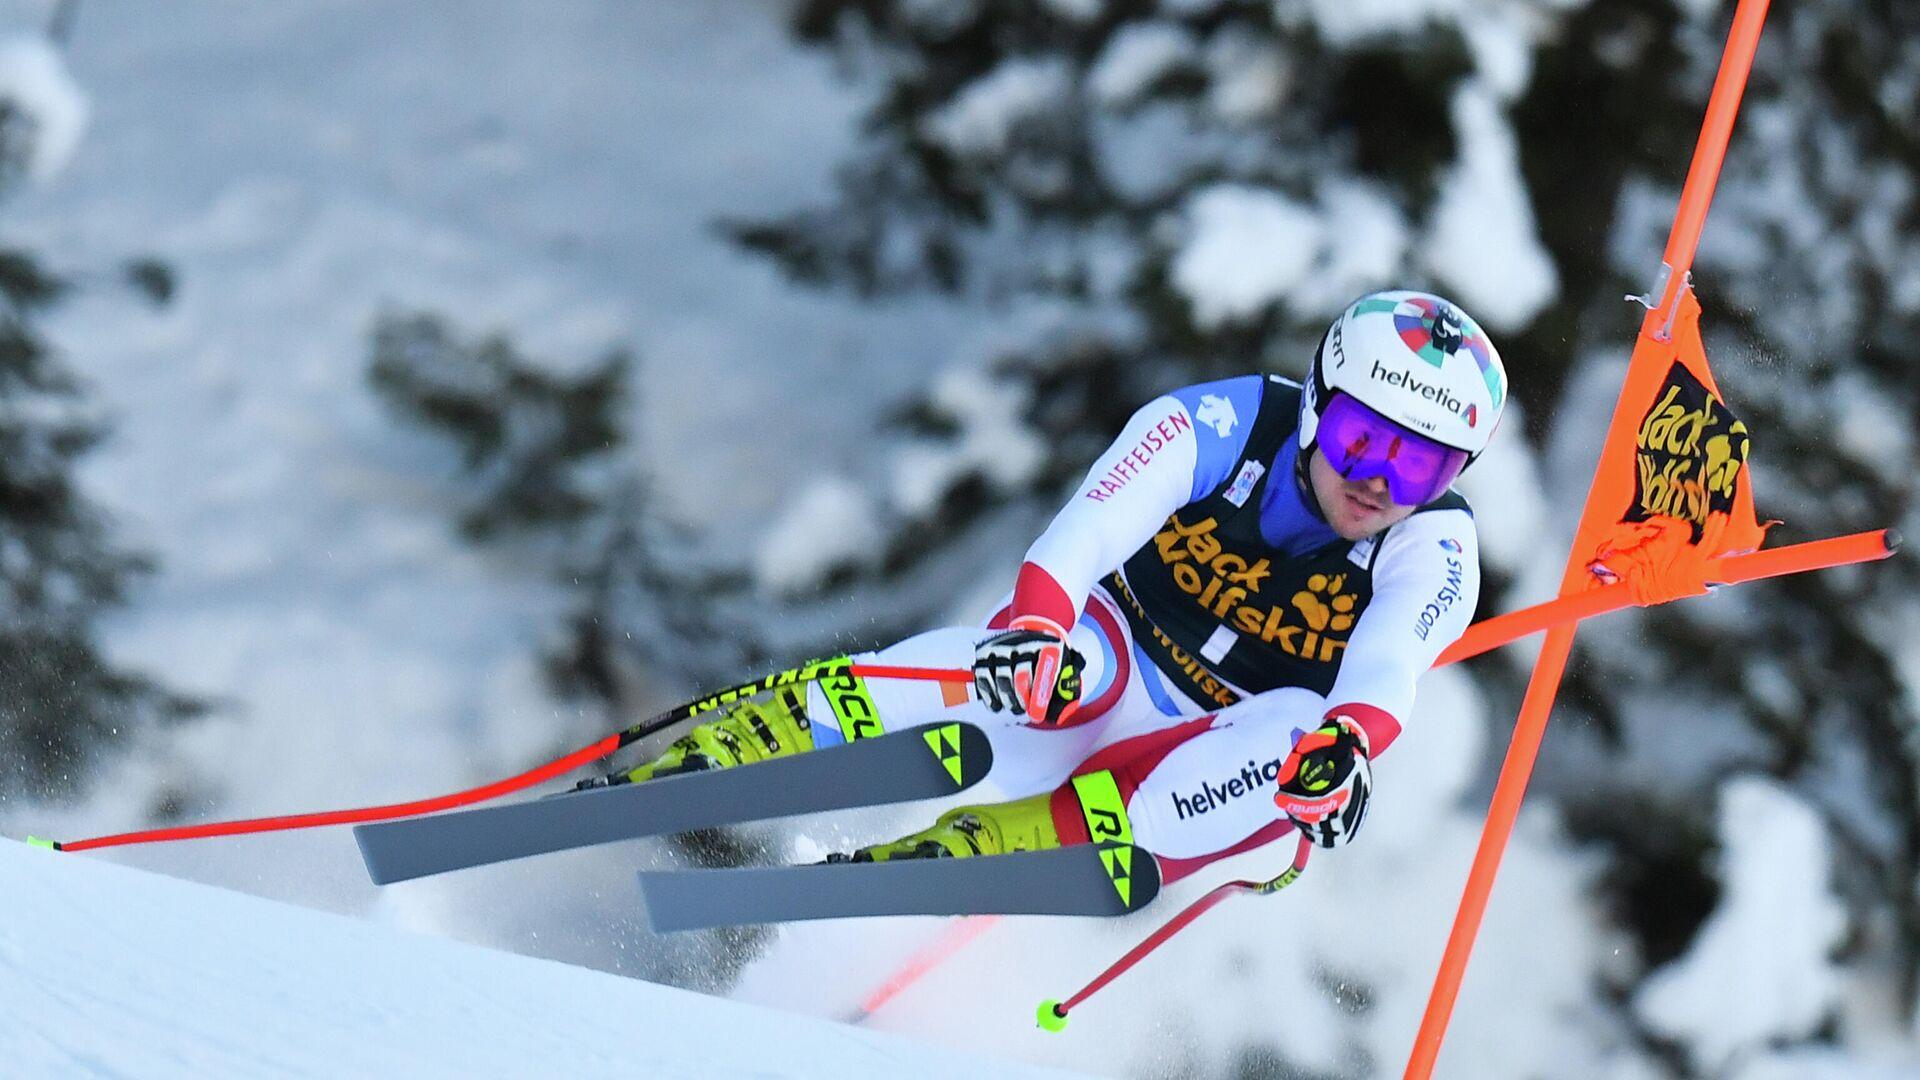 Швейцарский горнолыжник Урс Криенбюль - РИА Новости, 1920, 22.01.2021